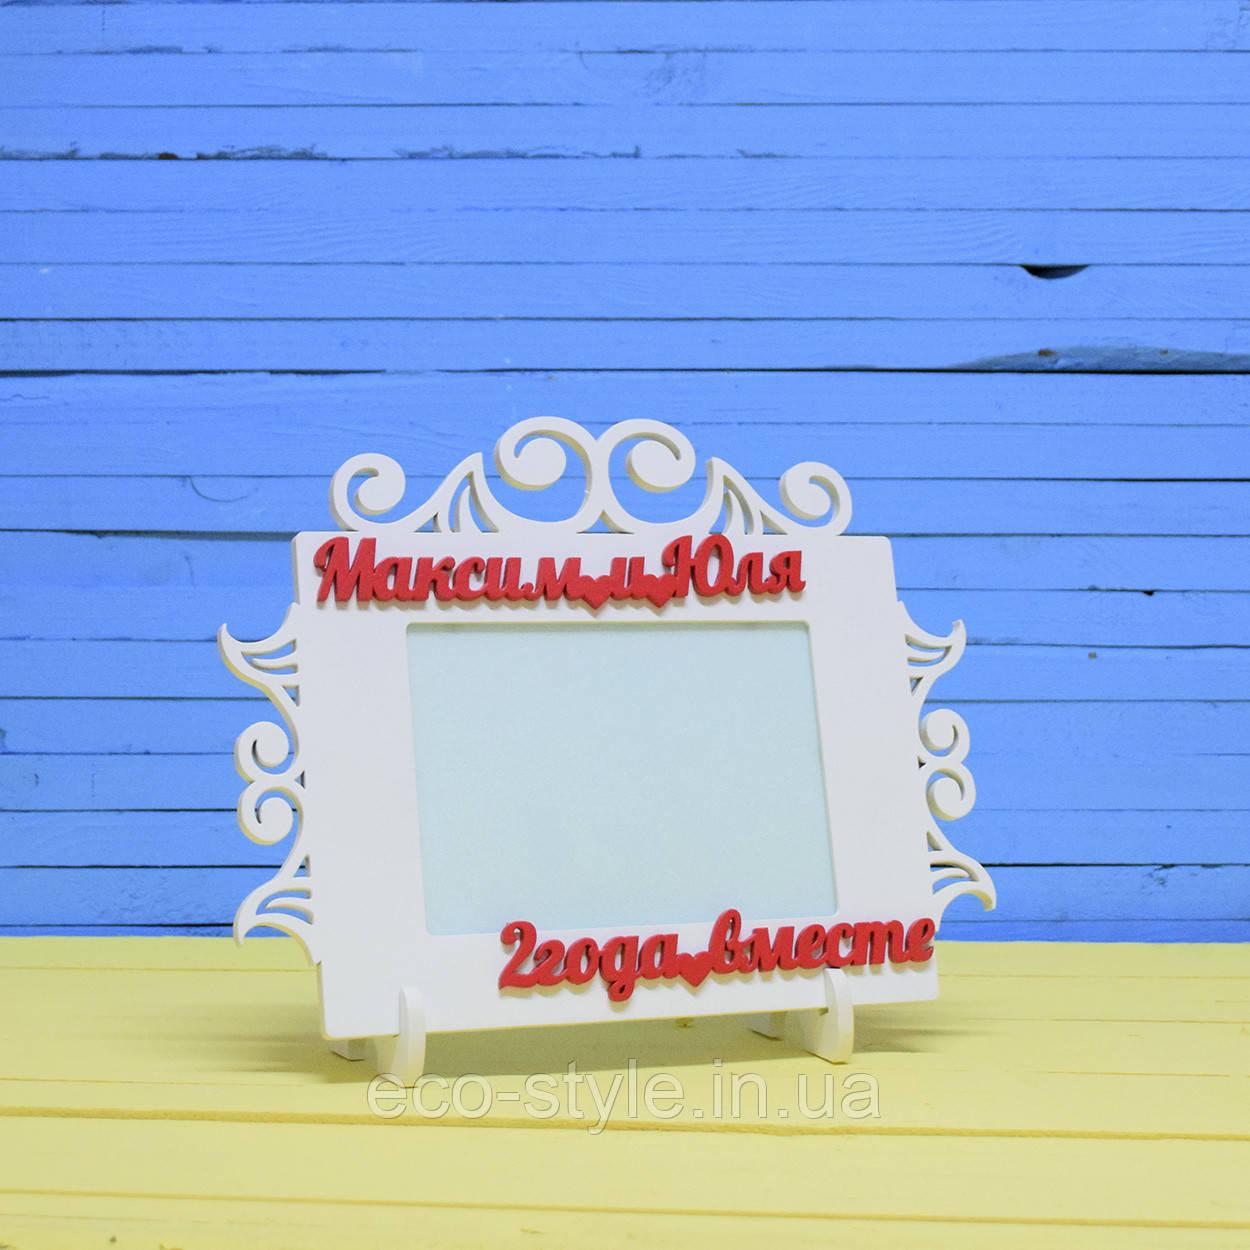 Фоторамка на стол, фоторамка на годовщину свадьбы